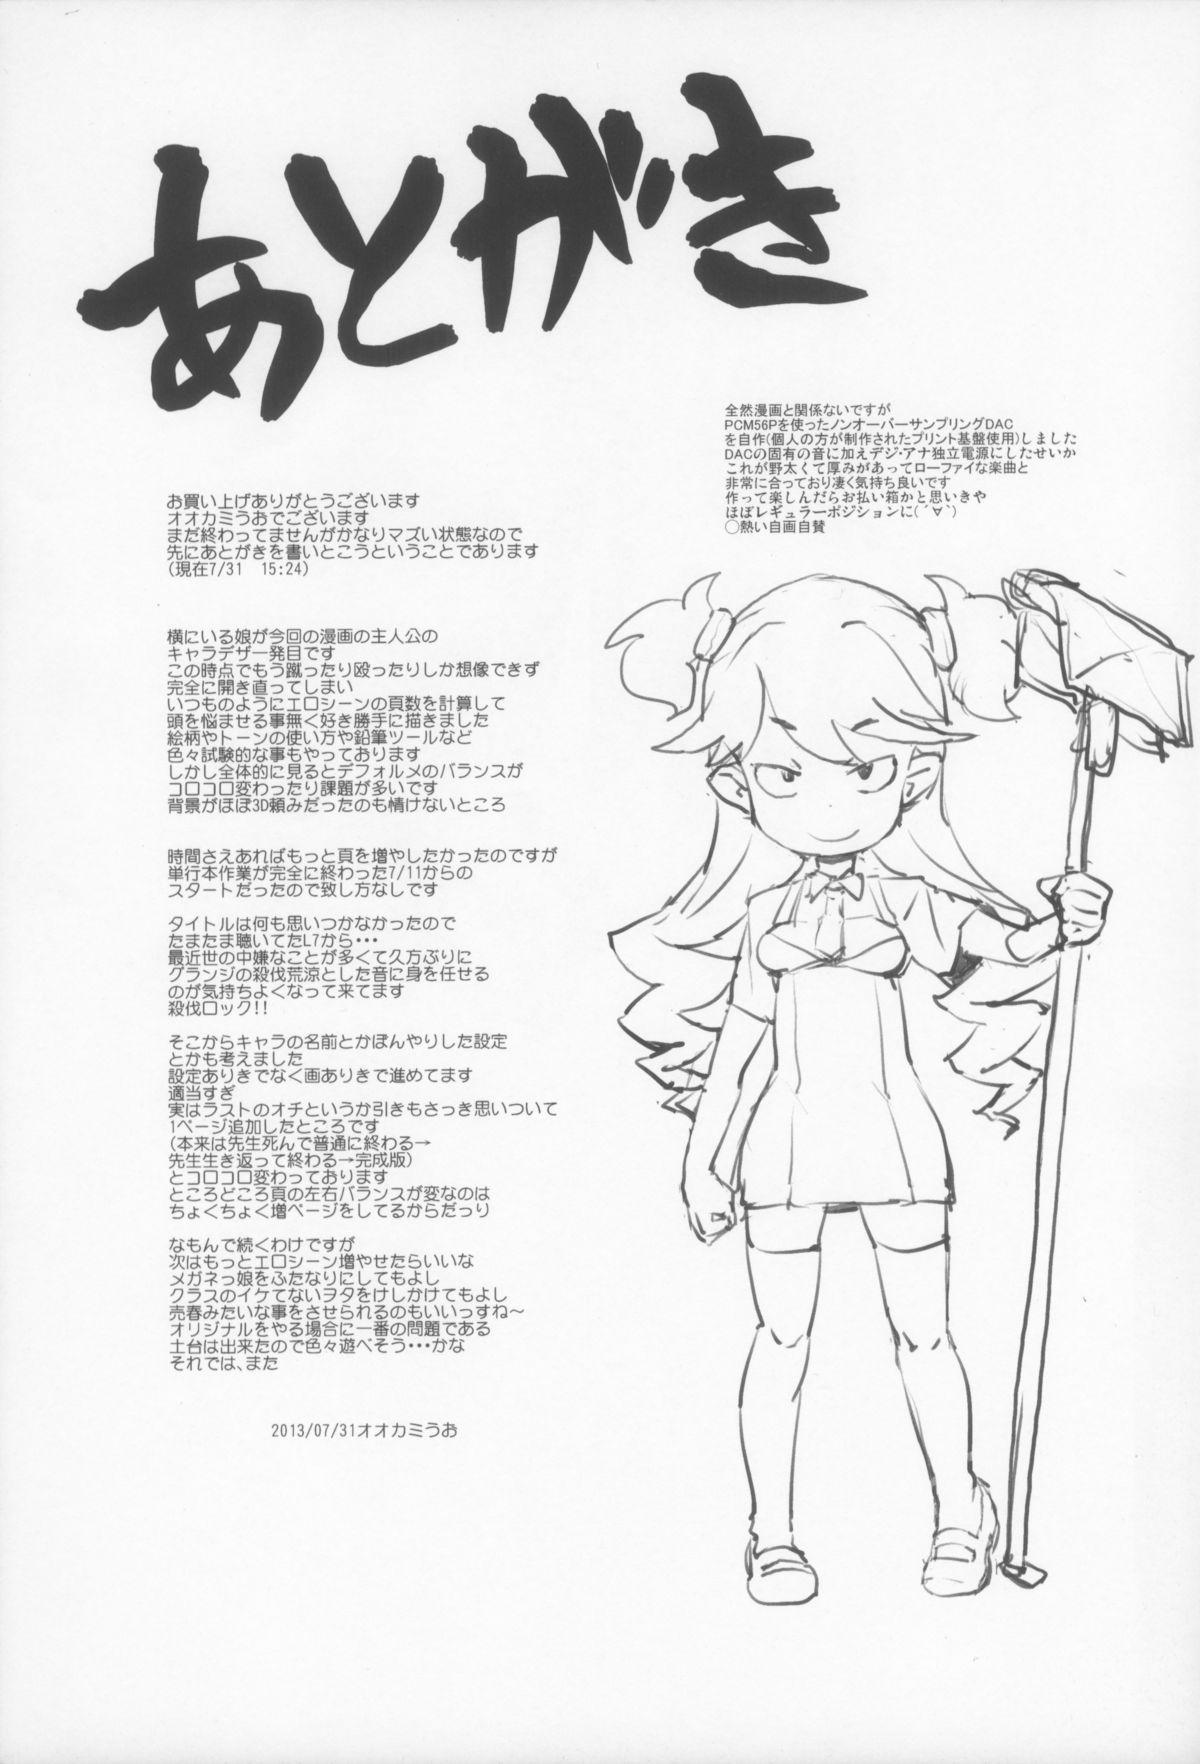 eru-shichi 27